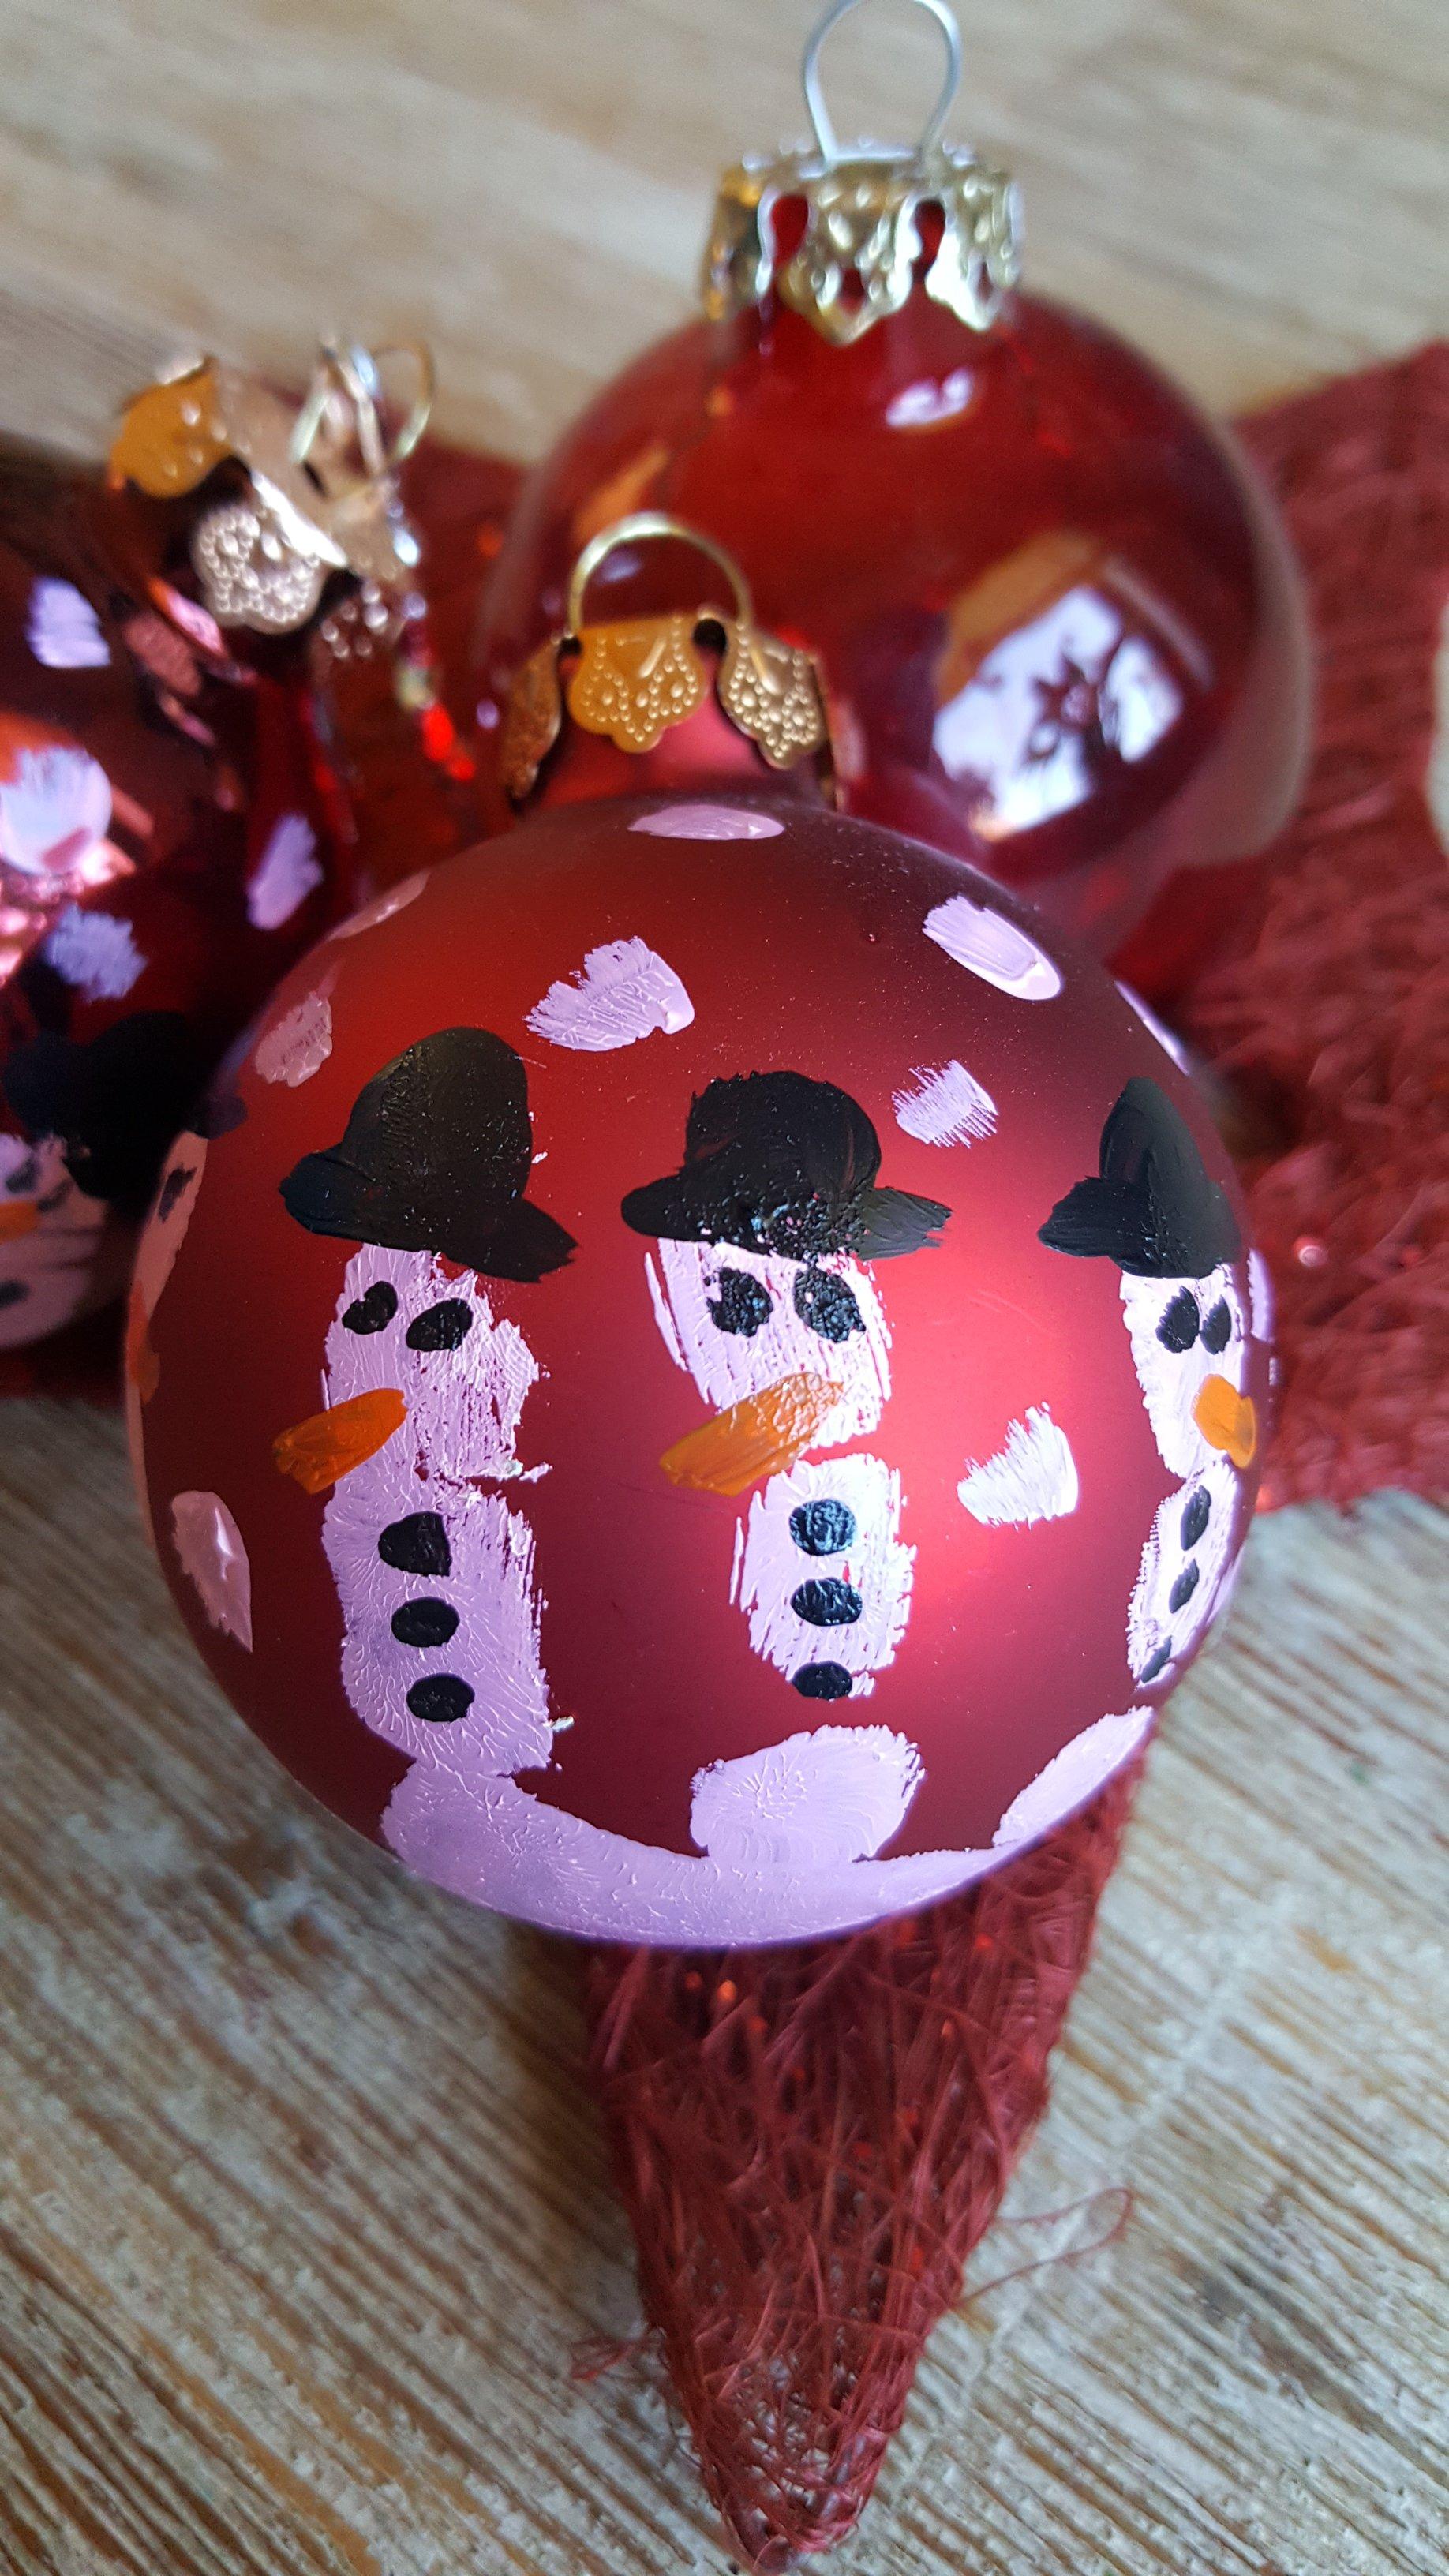 geschenk zu weihnachten kugeln mit handabdruck. Black Bedroom Furniture Sets. Home Design Ideas